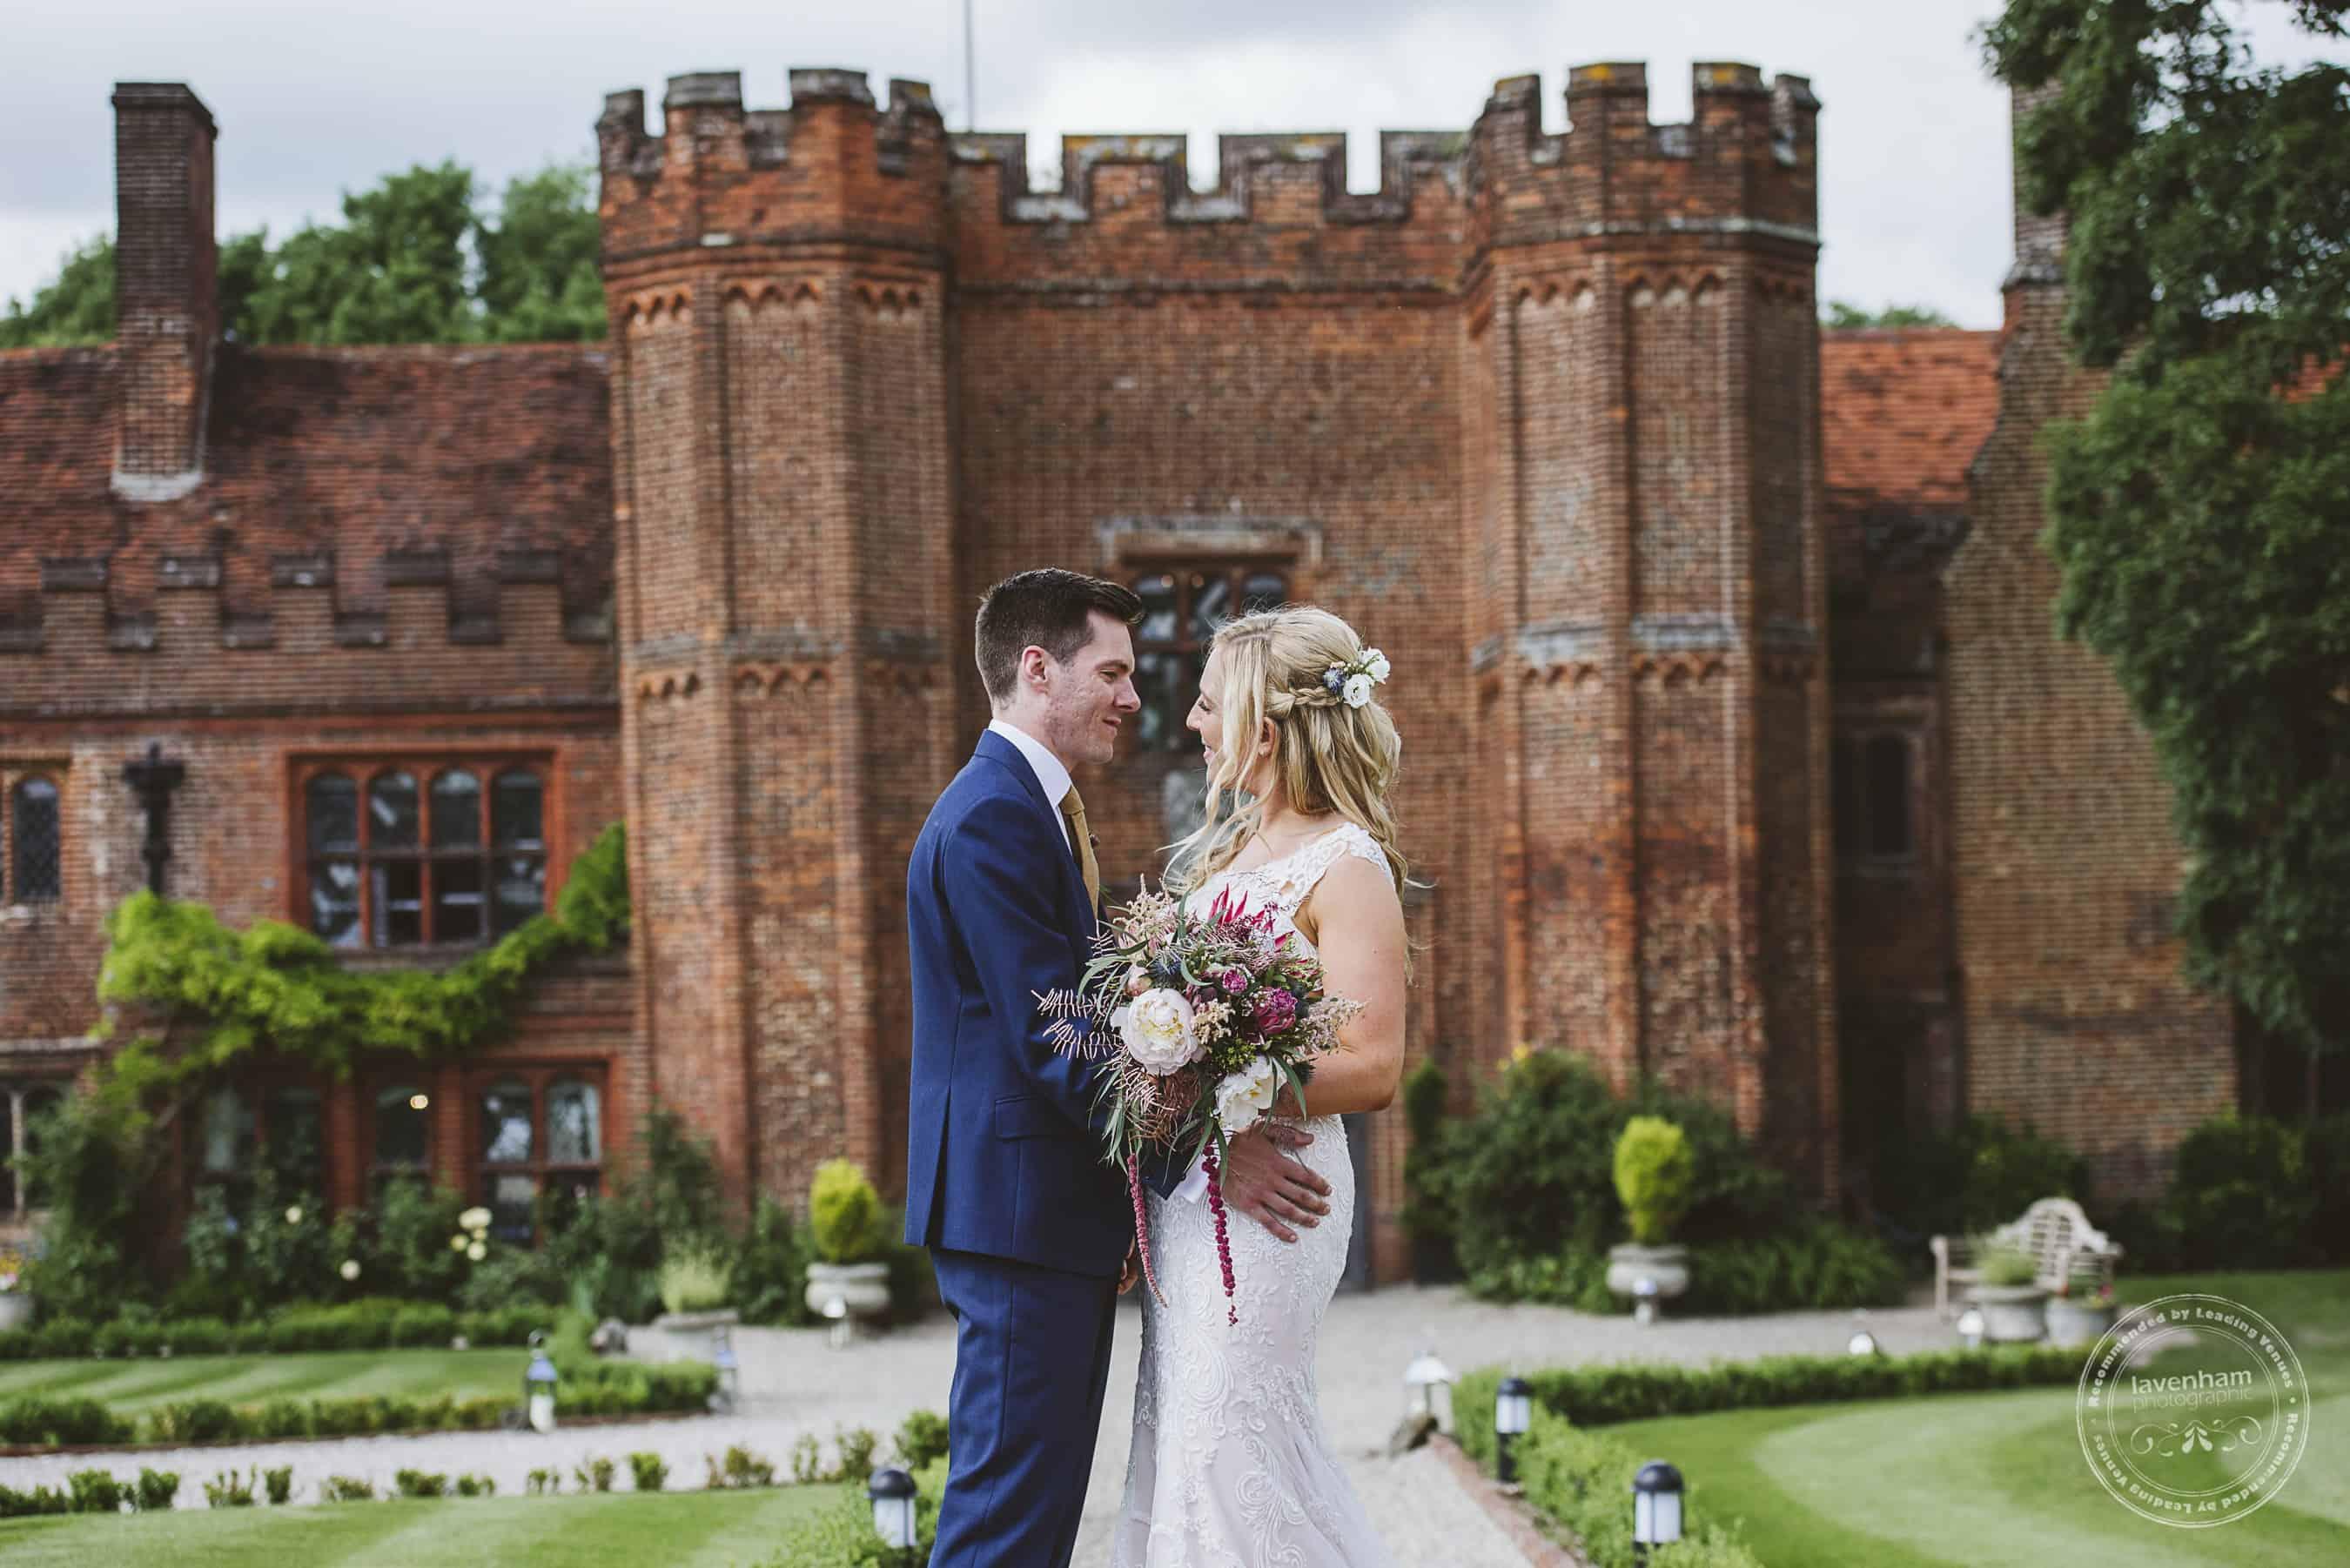 020618 Leez Priory Wedding Photography Lavenham Photographic 136